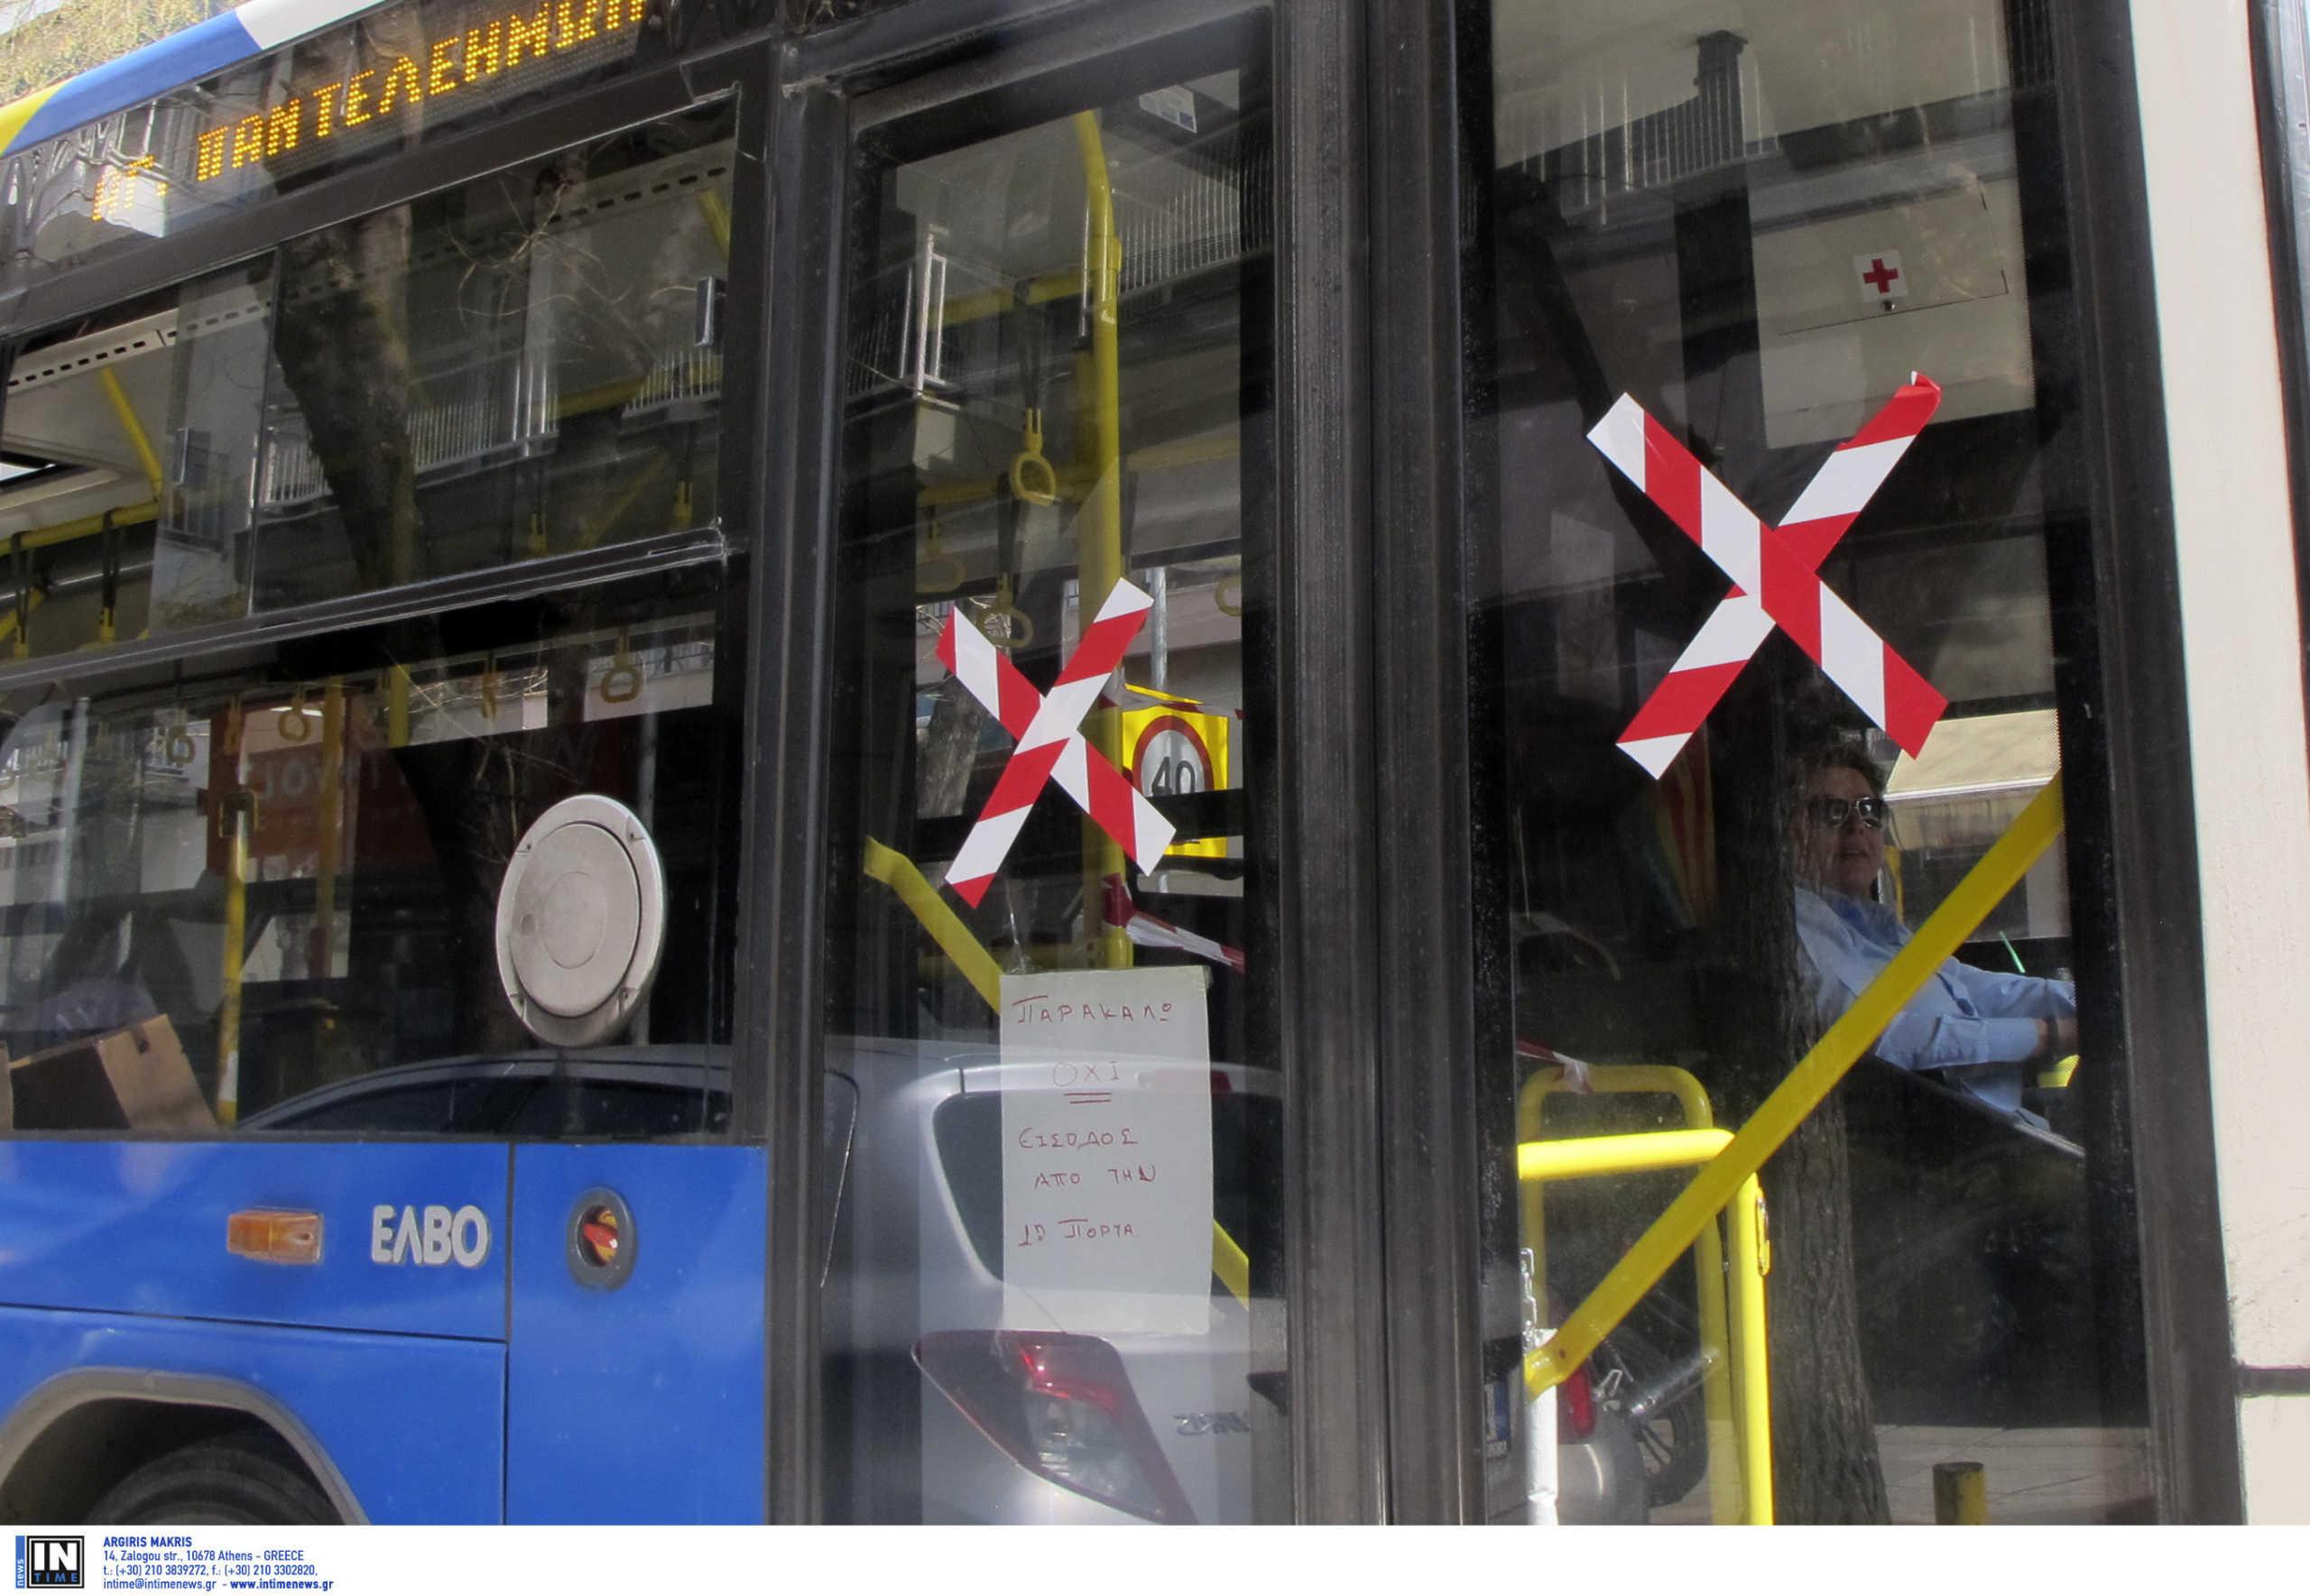 Θεσσαλονίκη: Αναστέλλεται το 50% των αστικών δρομολογίων